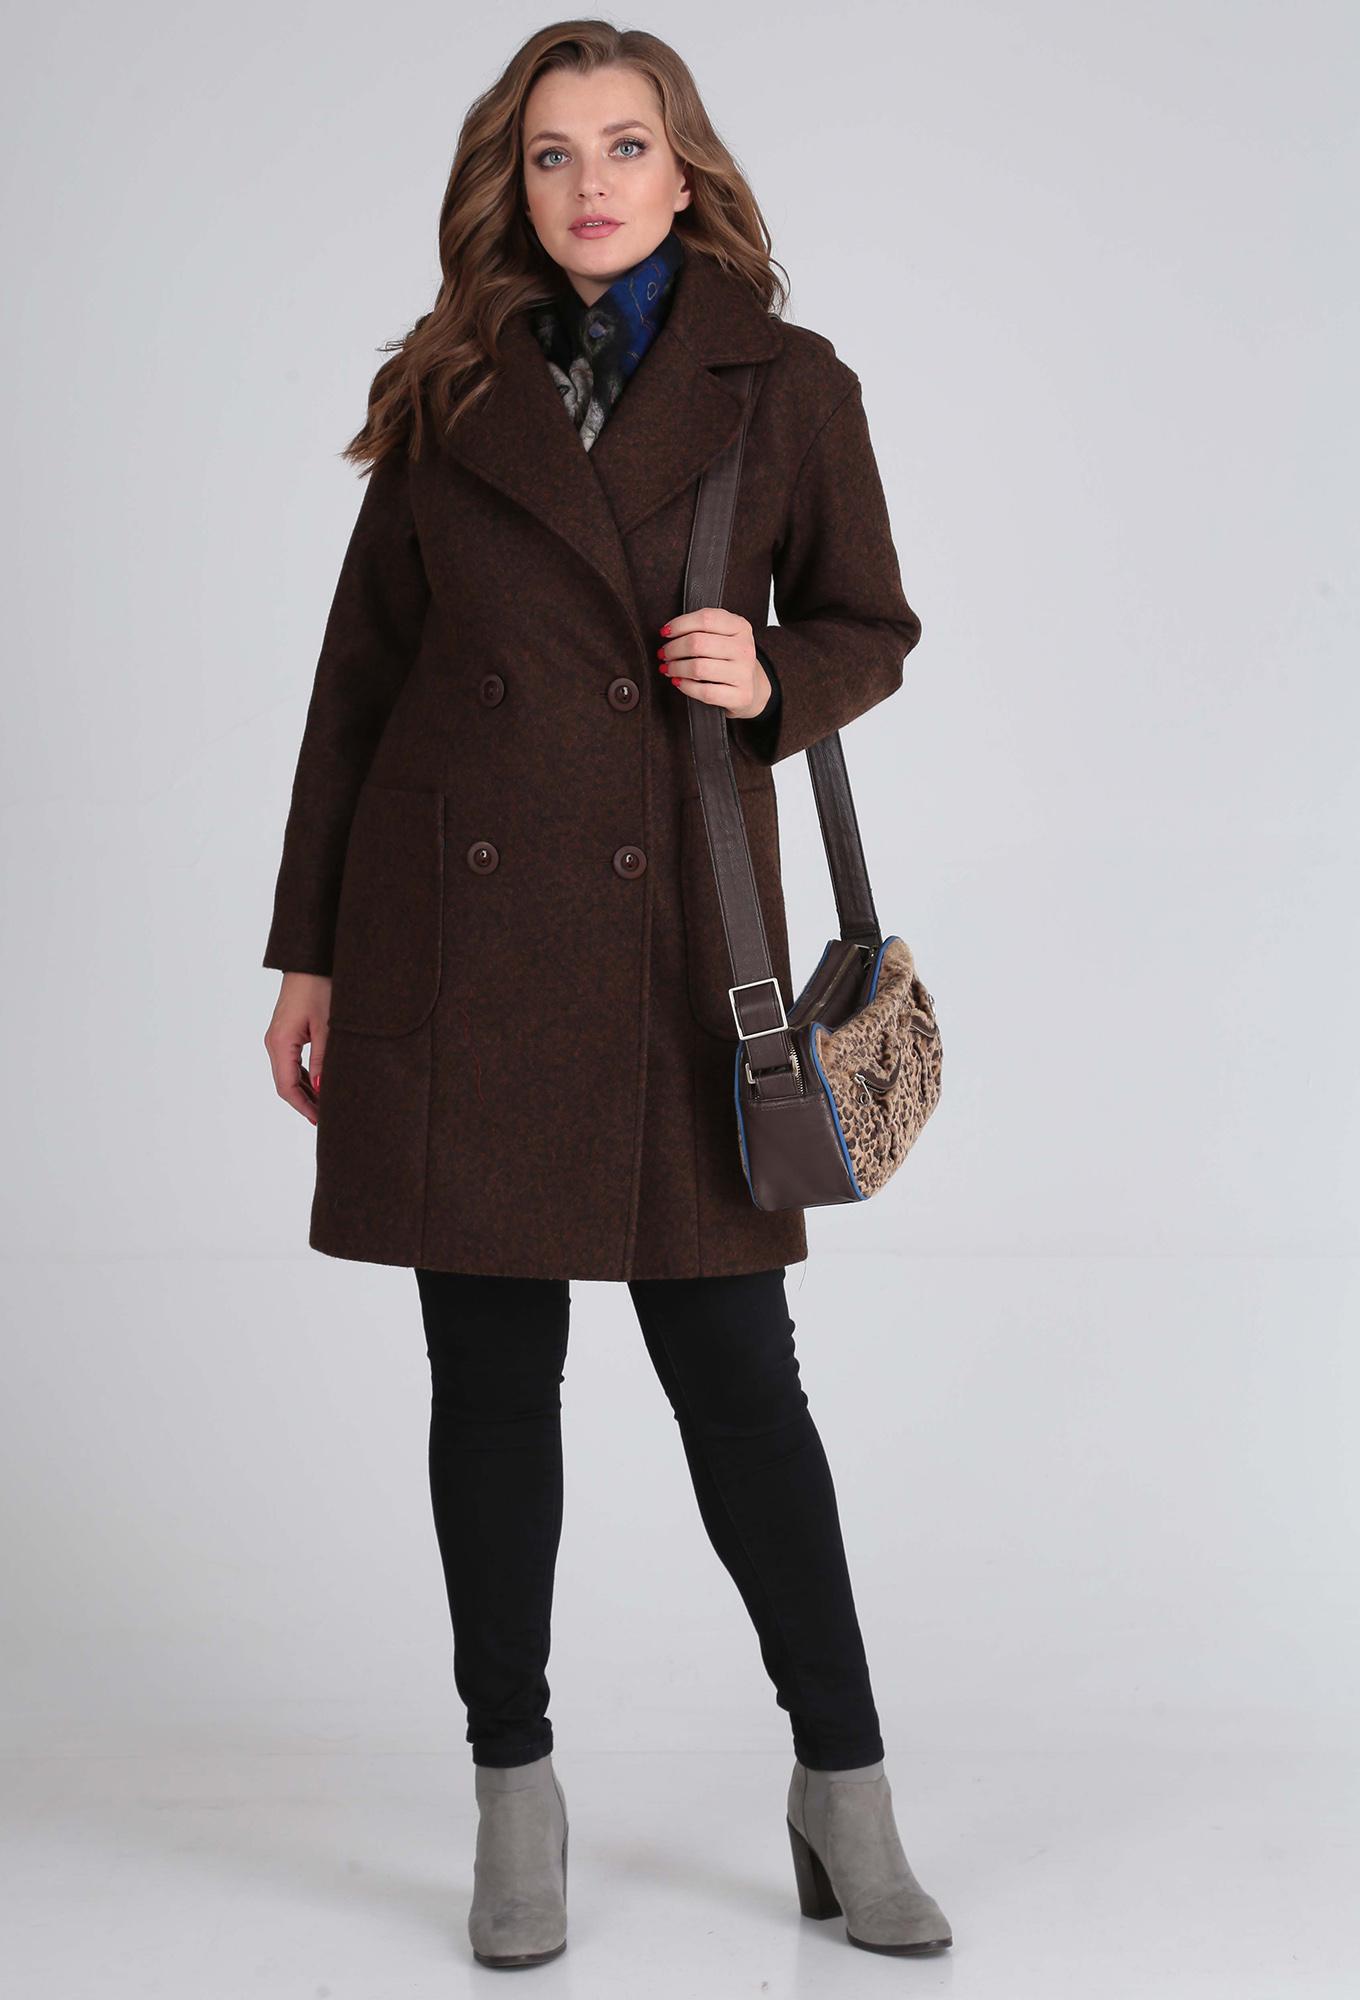 Пальто Anastasia Mak 651 коричневый